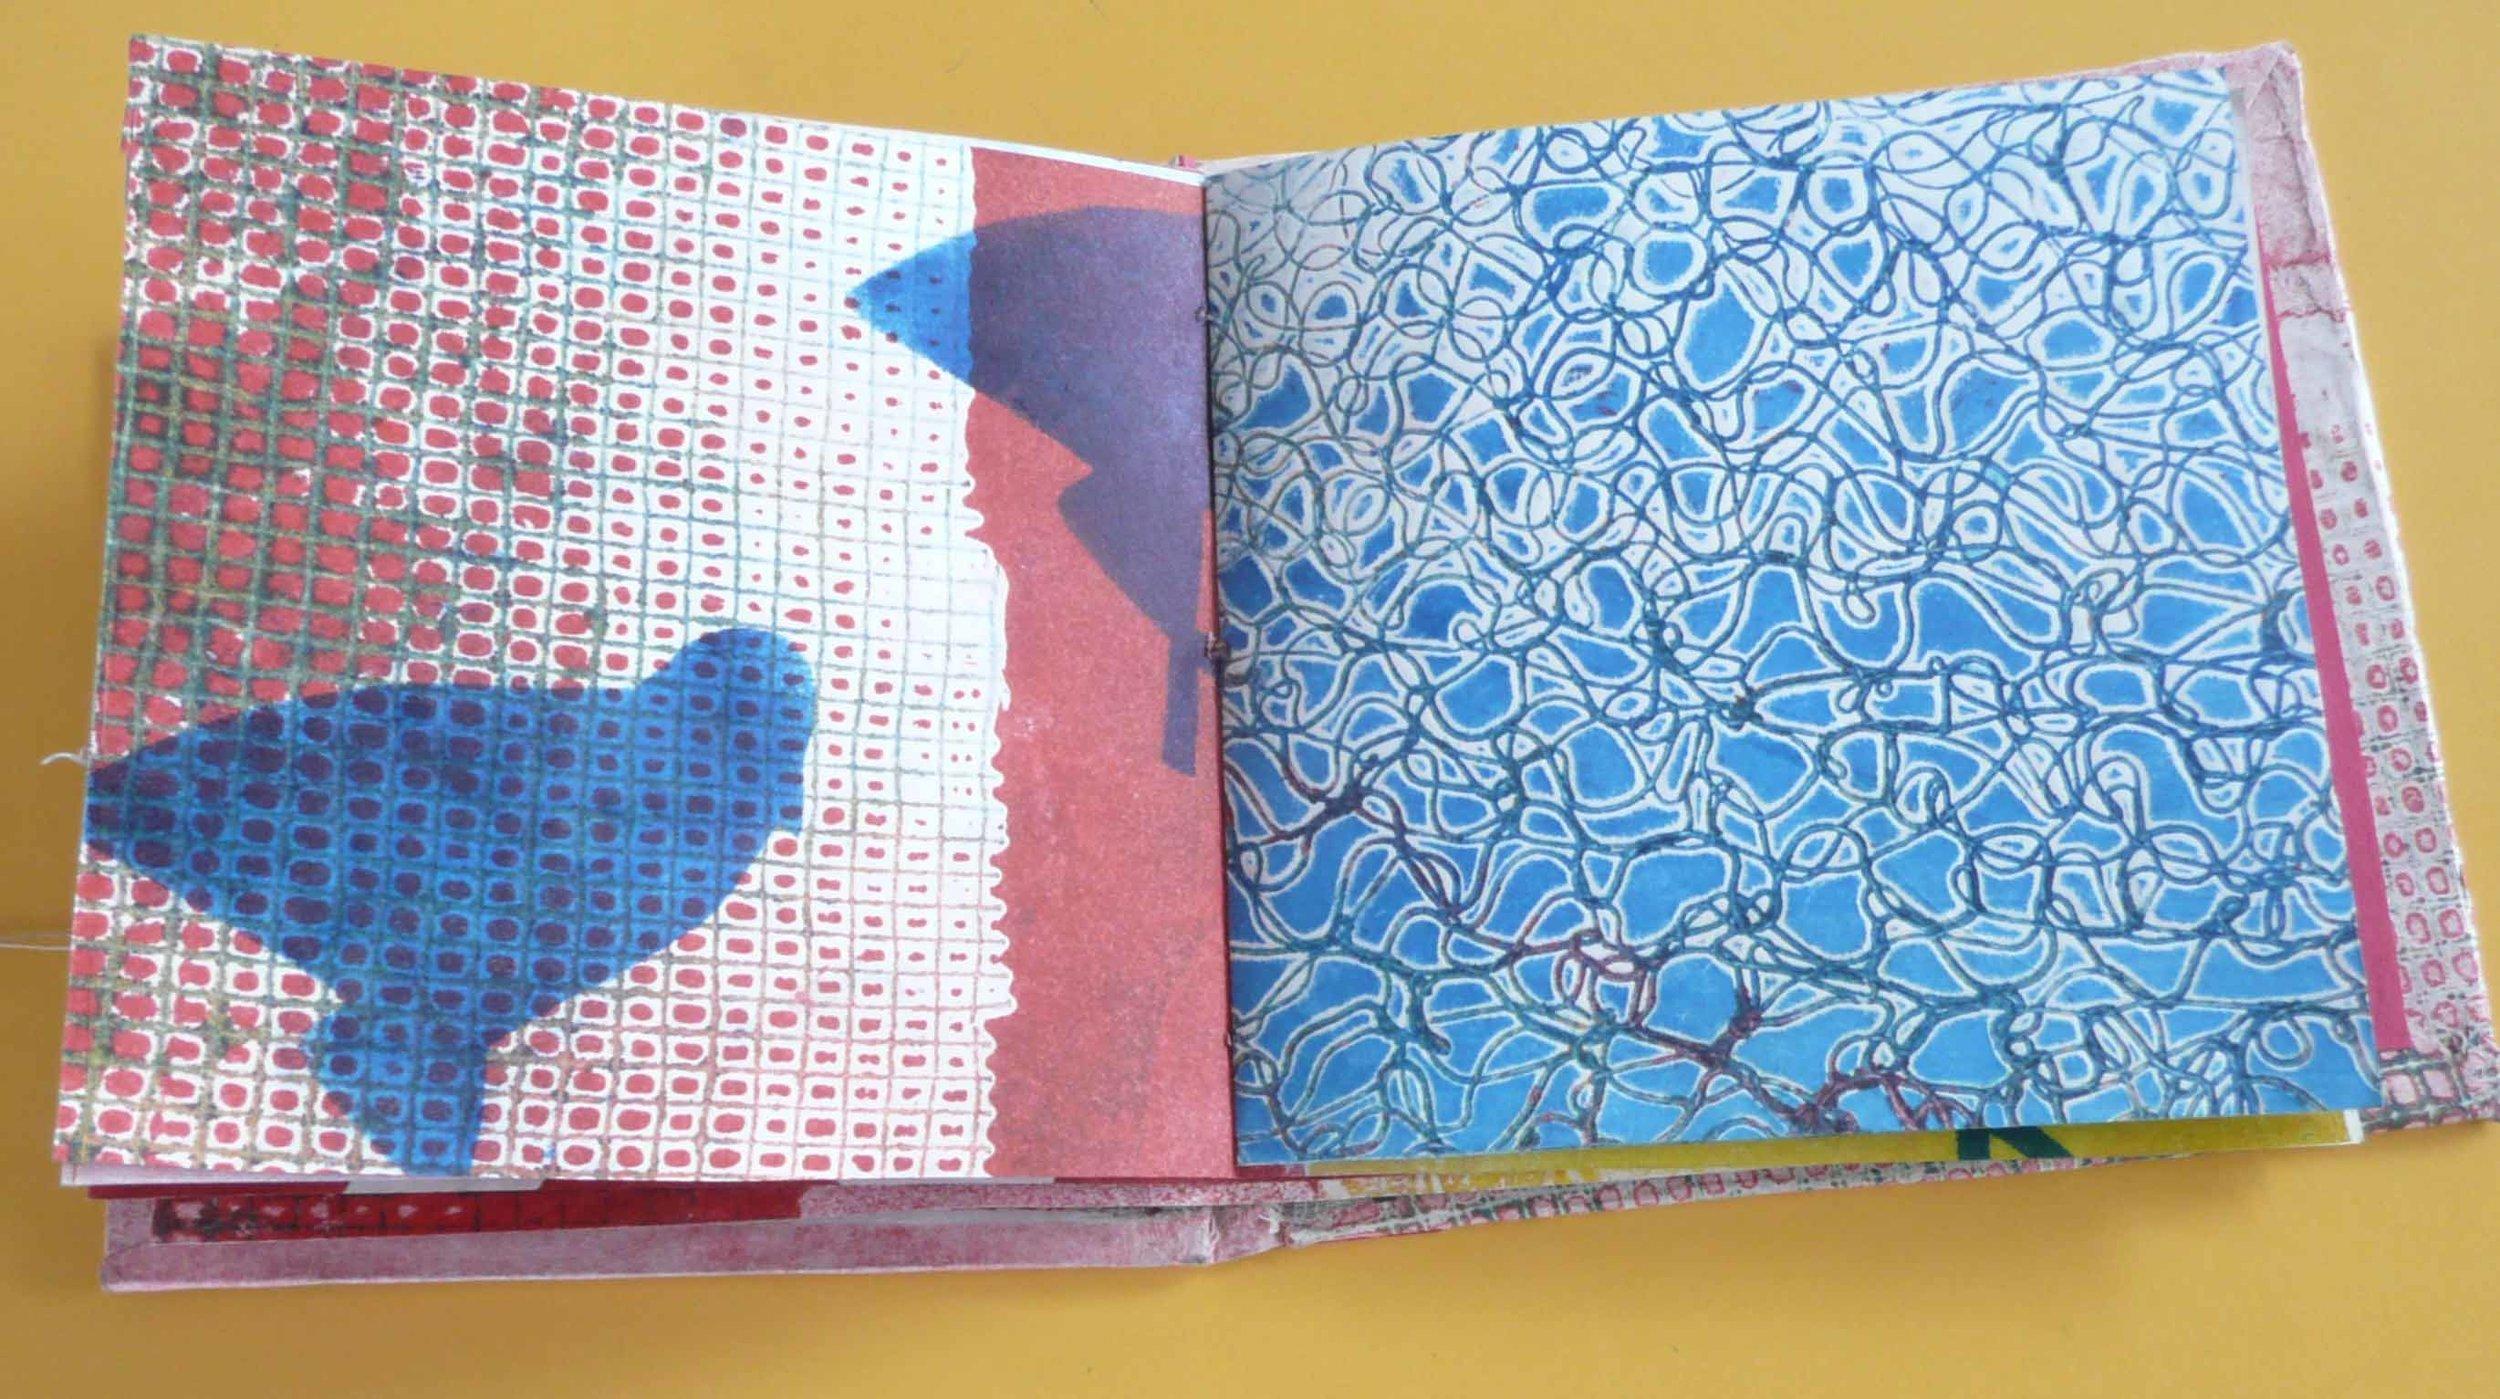 Collagraph, stencil, artist book